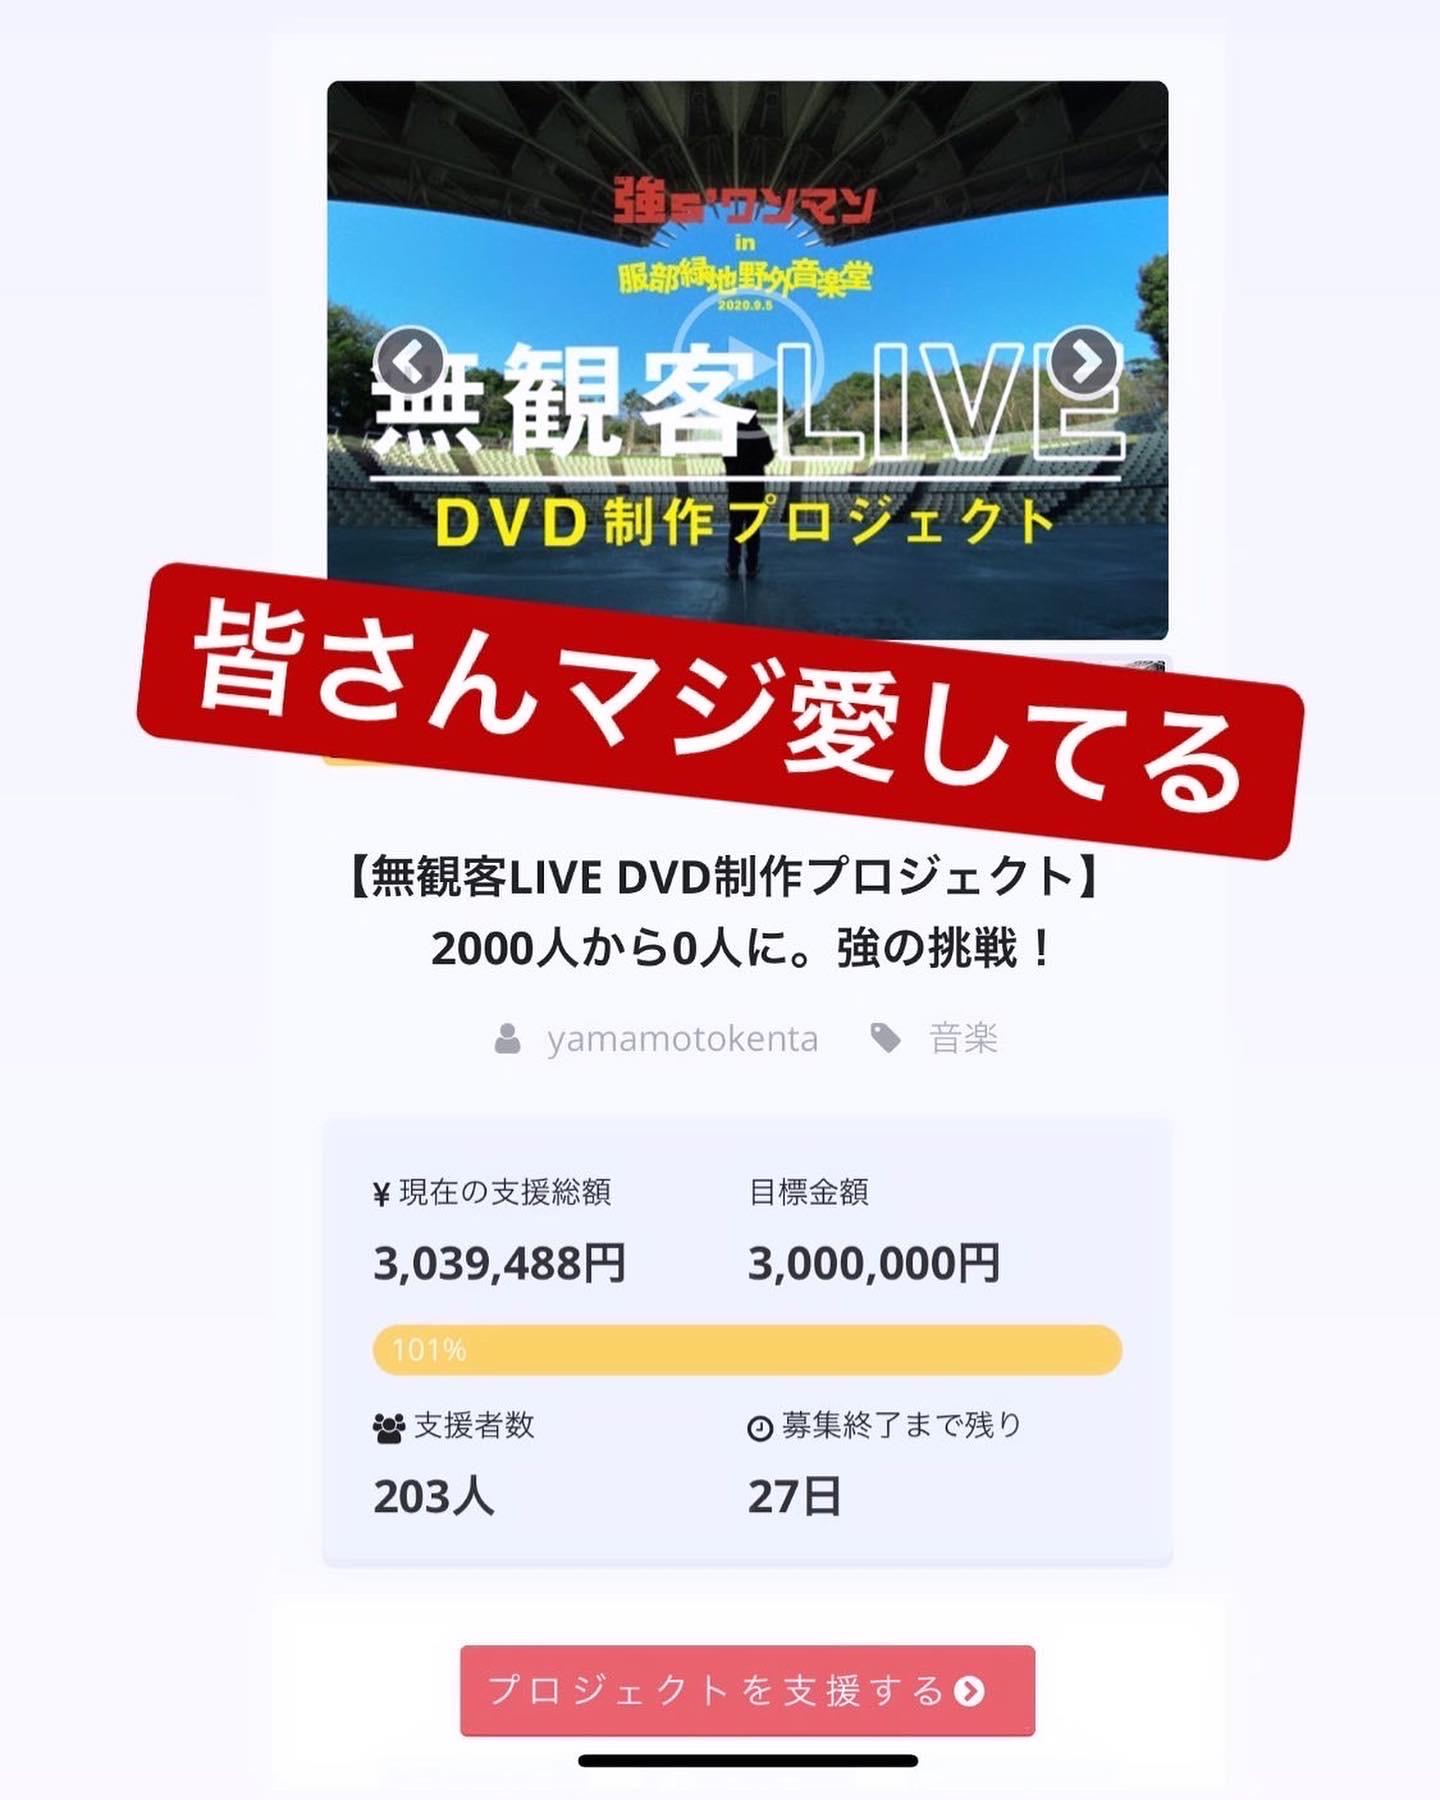 クラウドファンディング達成!!